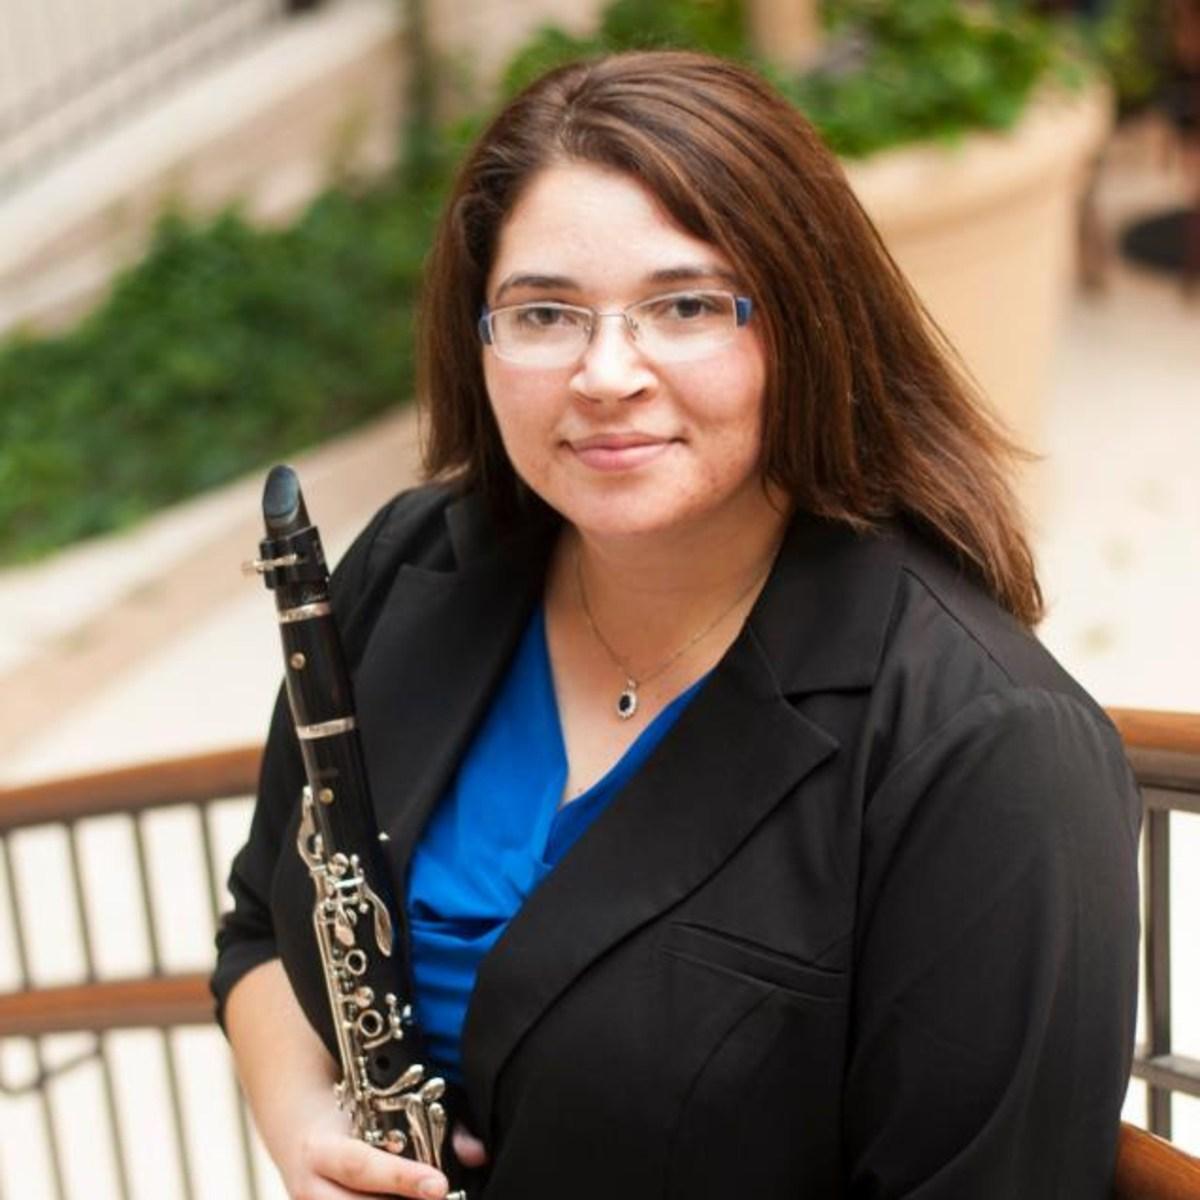 North miami music department u2013 mrs. sarah mcbride u2013 north miami